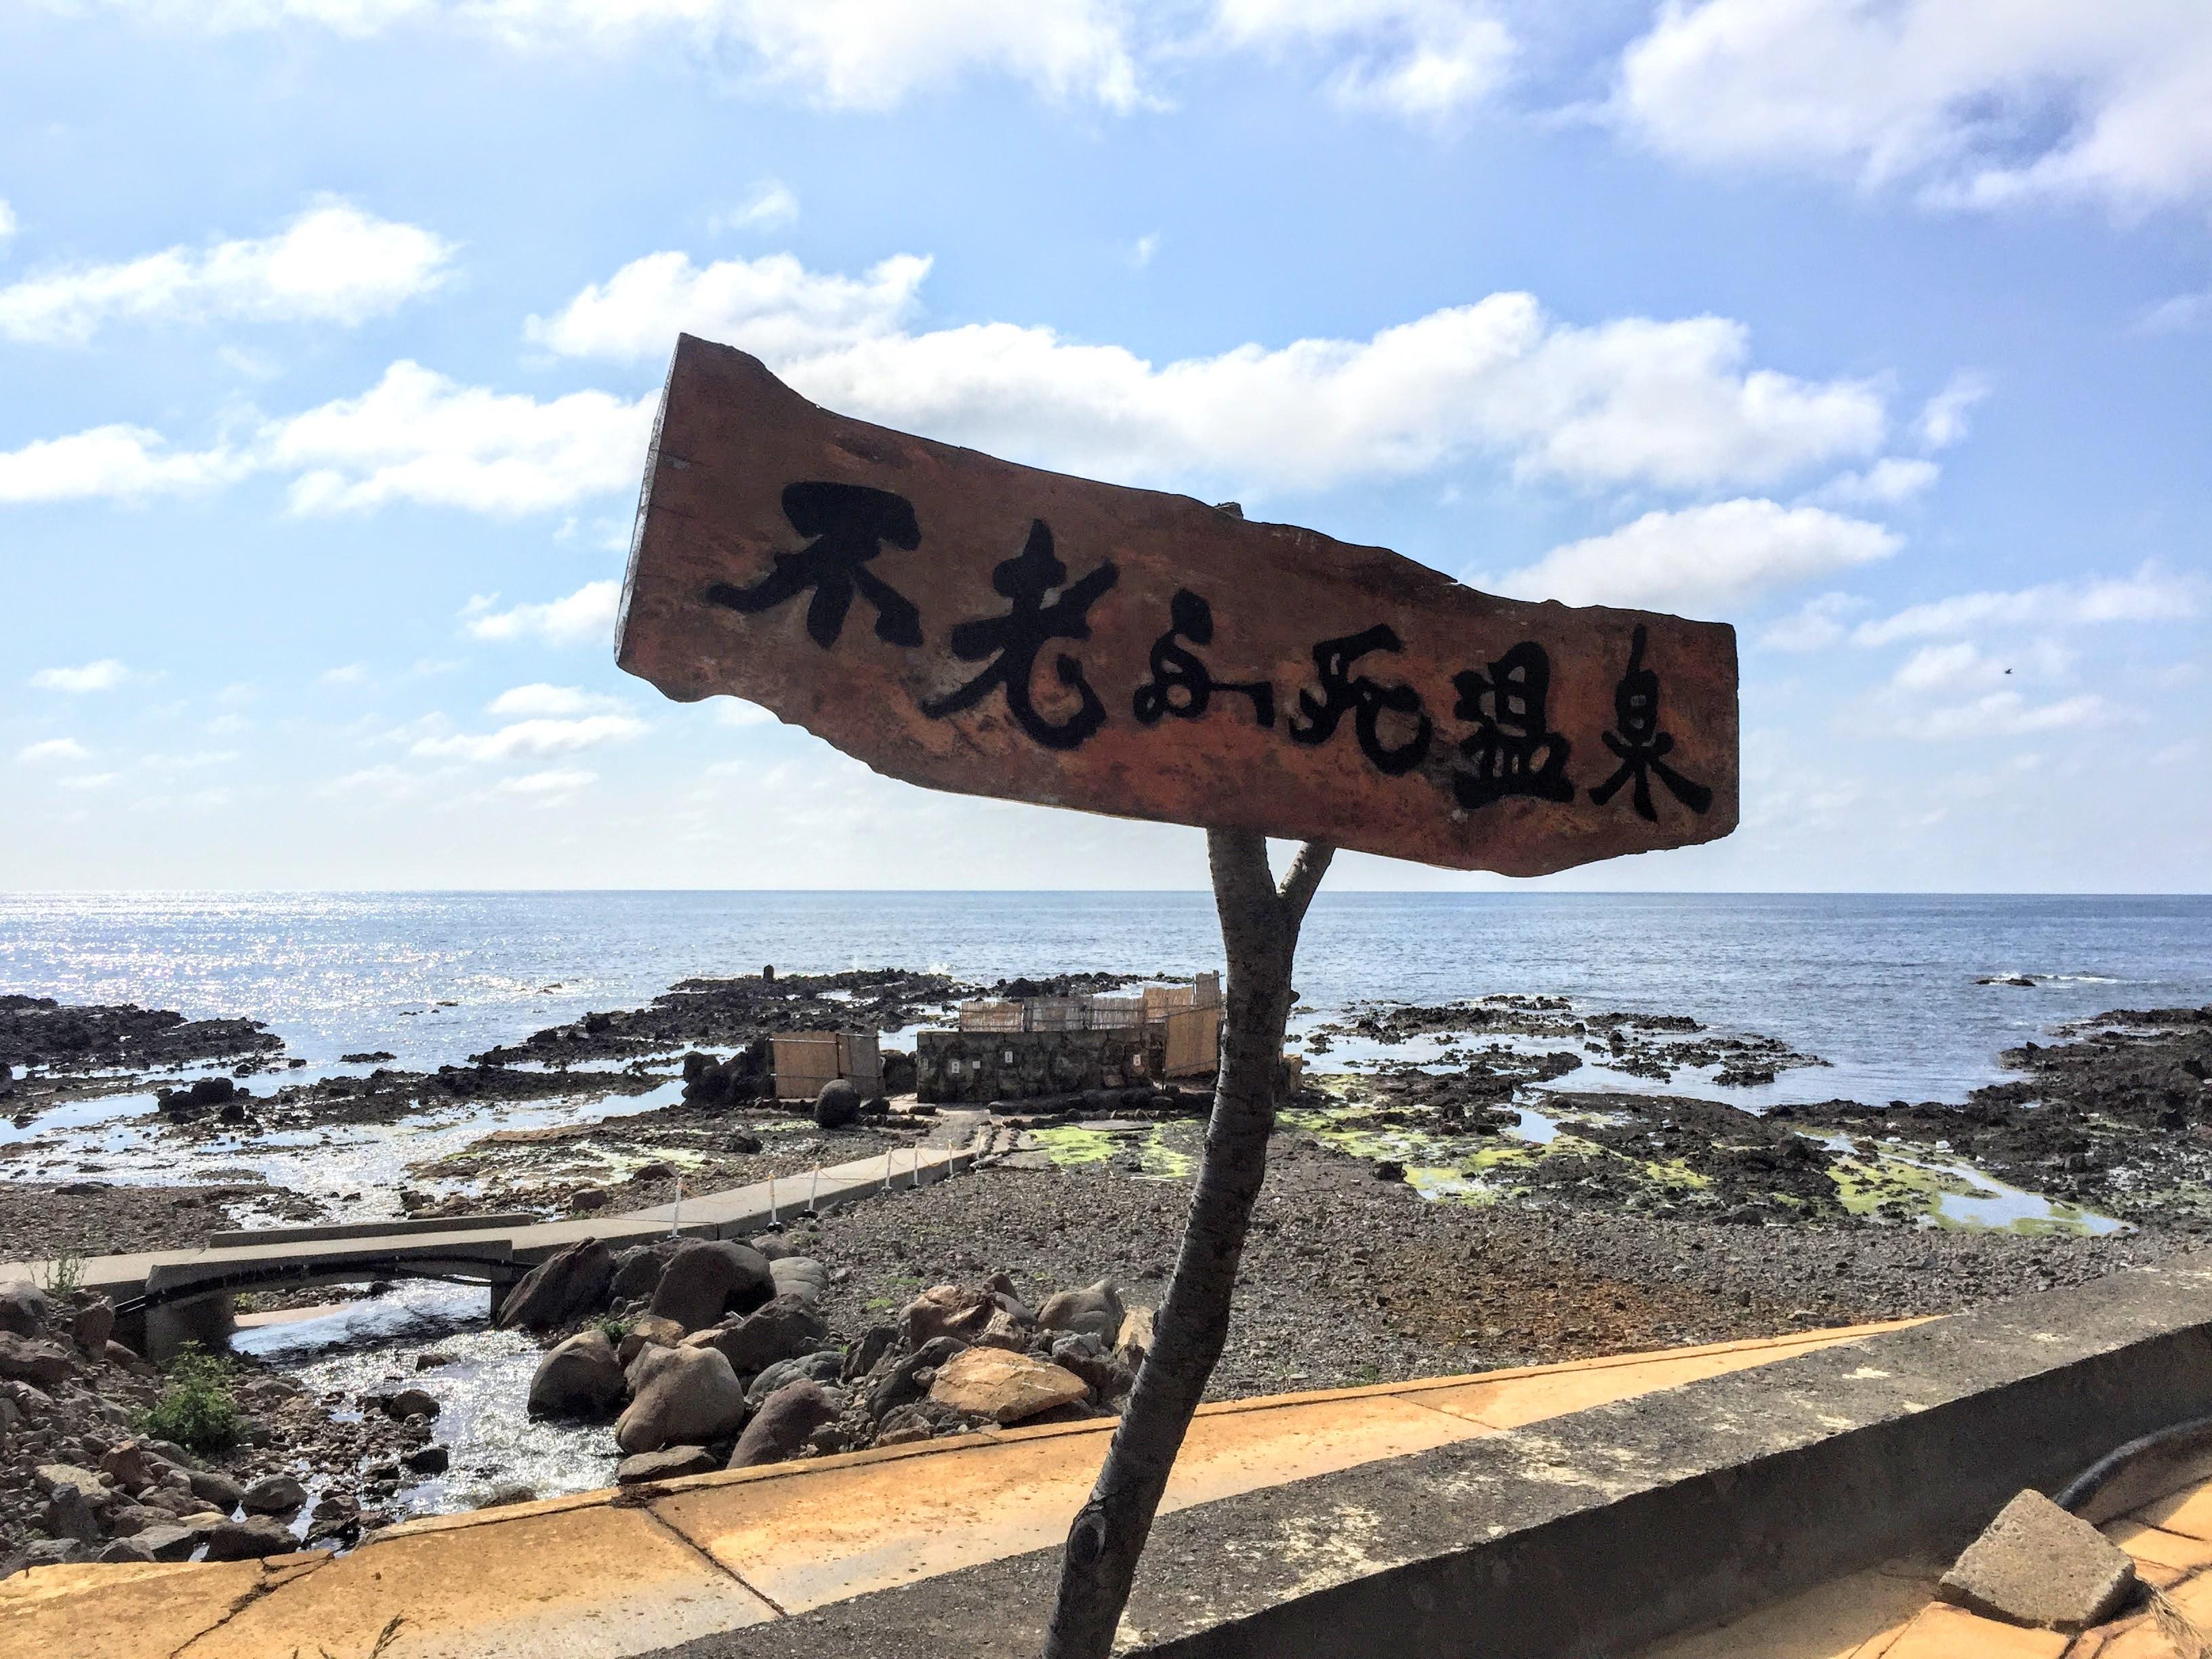 海がみえる露天風呂。青森県の黄金崎不老ふ死温泉の日帰り入浴が最高だった。